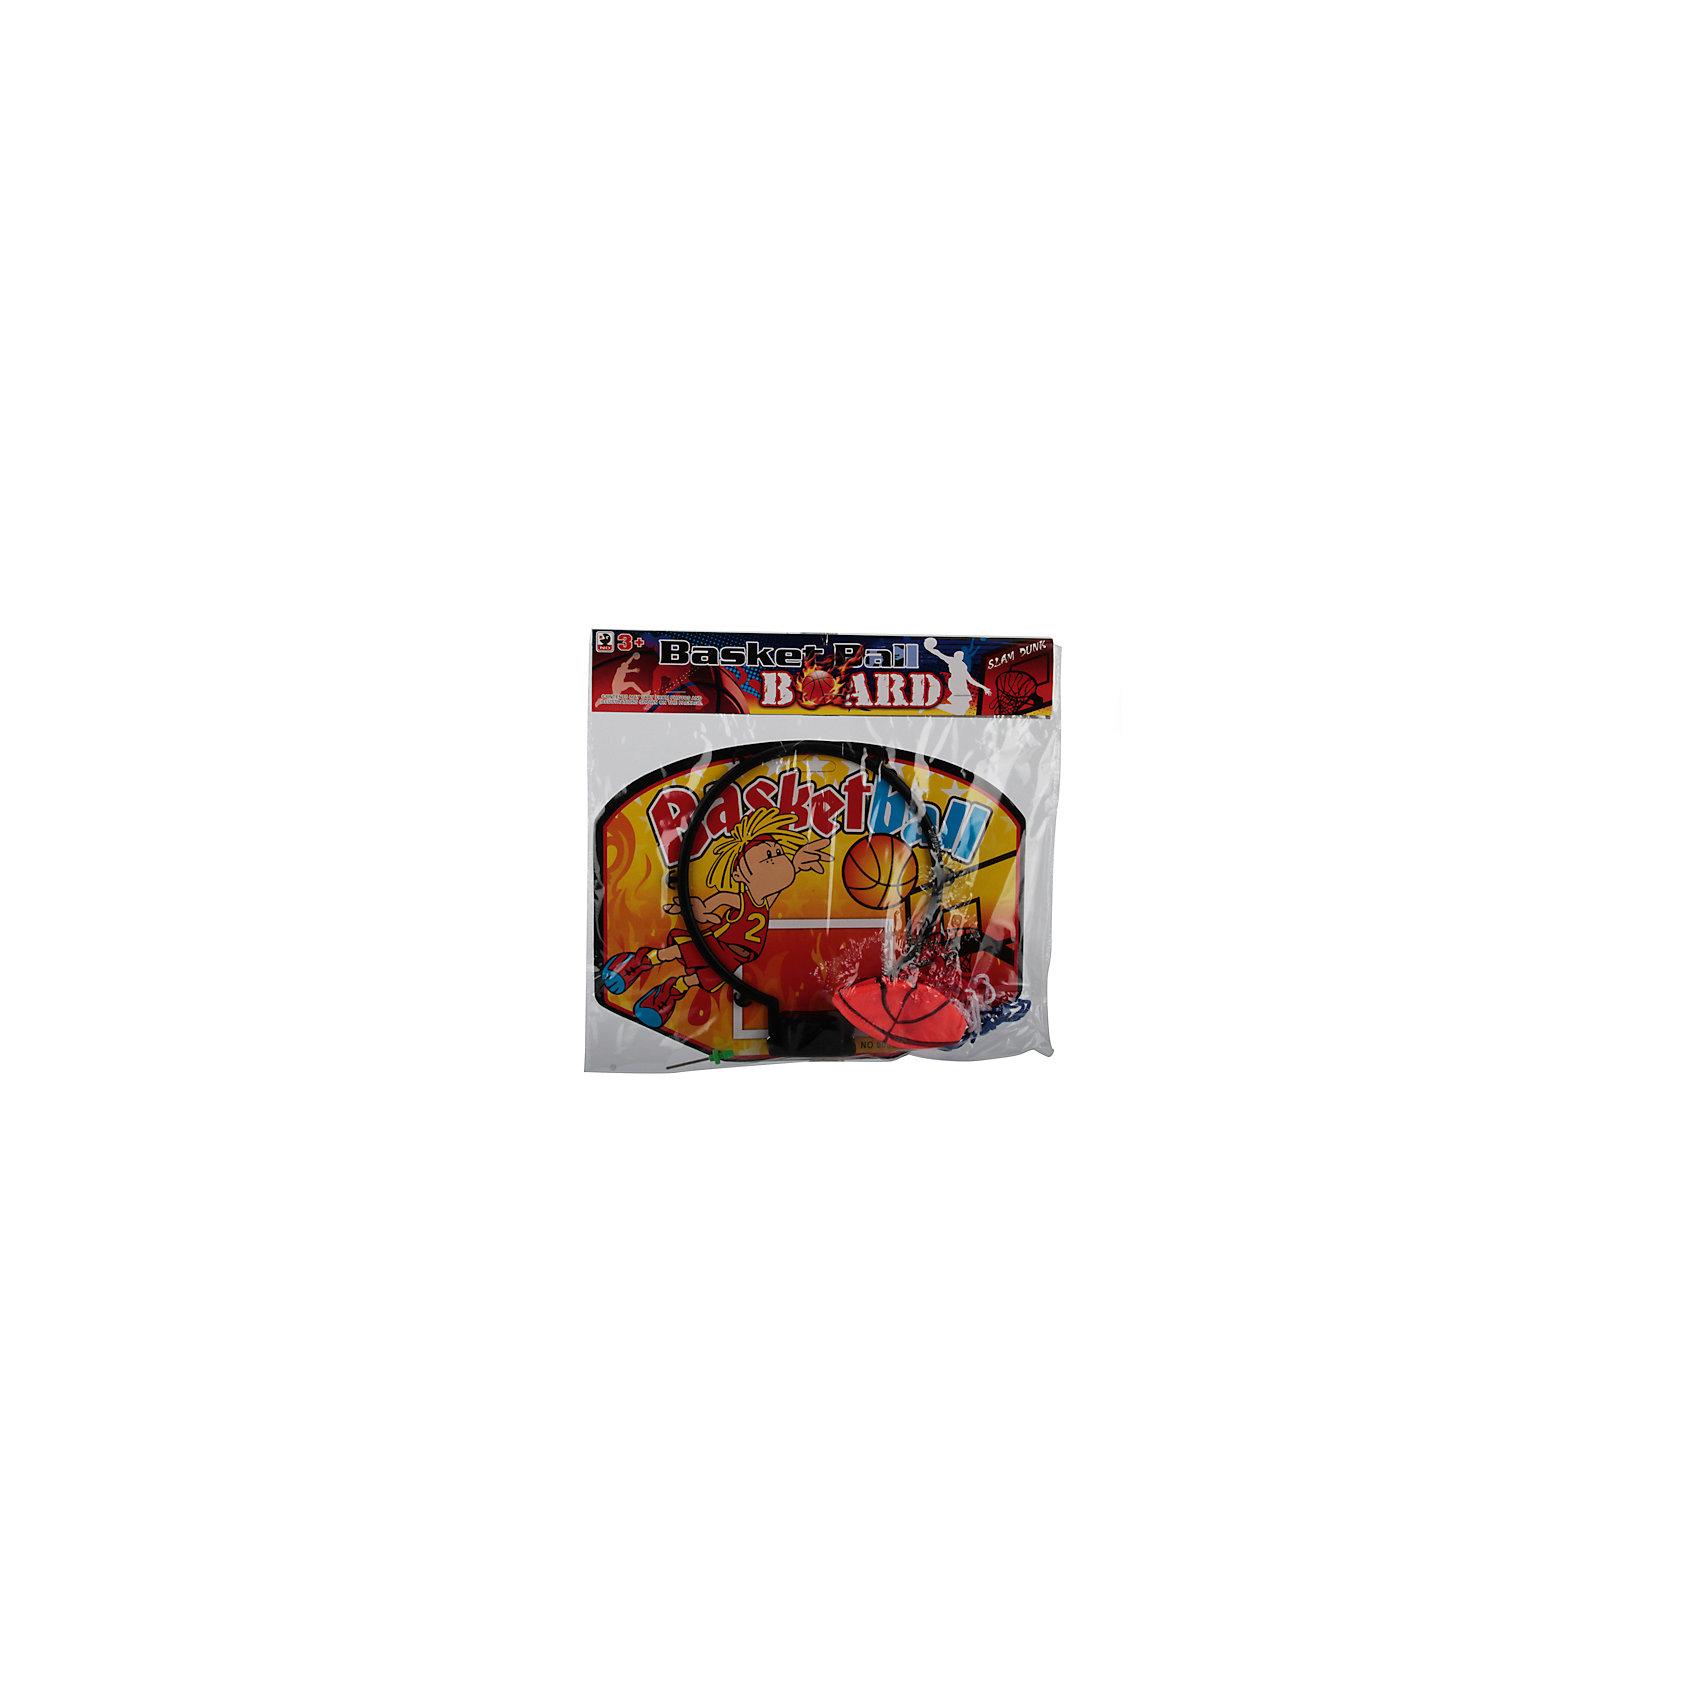 Набор для игры в баскетбол, желтыйИгровые наборы<br>Характеристики товара:<br><br>• цвет: красный<br>• вид спорта: баскетбол<br>• материал: пластик, текстиль<br>• комплект: щит с кольцом, сетка, мяч, игла для надувания<br>• возраст: с 3 лет<br>• размер: 21х20х28см<br>• вес: 140гр<br><br>В комплект входит баскетбольный щит с кольцом и сеткой, который можно легко прикрепить к любой стене, а также мяч и игла для накачивания мяча. <br><br>Благодаря небольшим размерам набора, в баскетбол можно играть как во дворе, так и у себя в комнате.<br><br>Набор для игры в баскетбол можно купить в нашем интернет-магазине.<br><br>Ширина мм: 210<br>Глубина мм: 20<br>Высота мм: 280<br>Вес г: 140<br>Возраст от месяцев: 36<br>Возраст до месяцев: 96<br>Пол: Унисекс<br>Возраст: Детский<br>SKU: 5528147